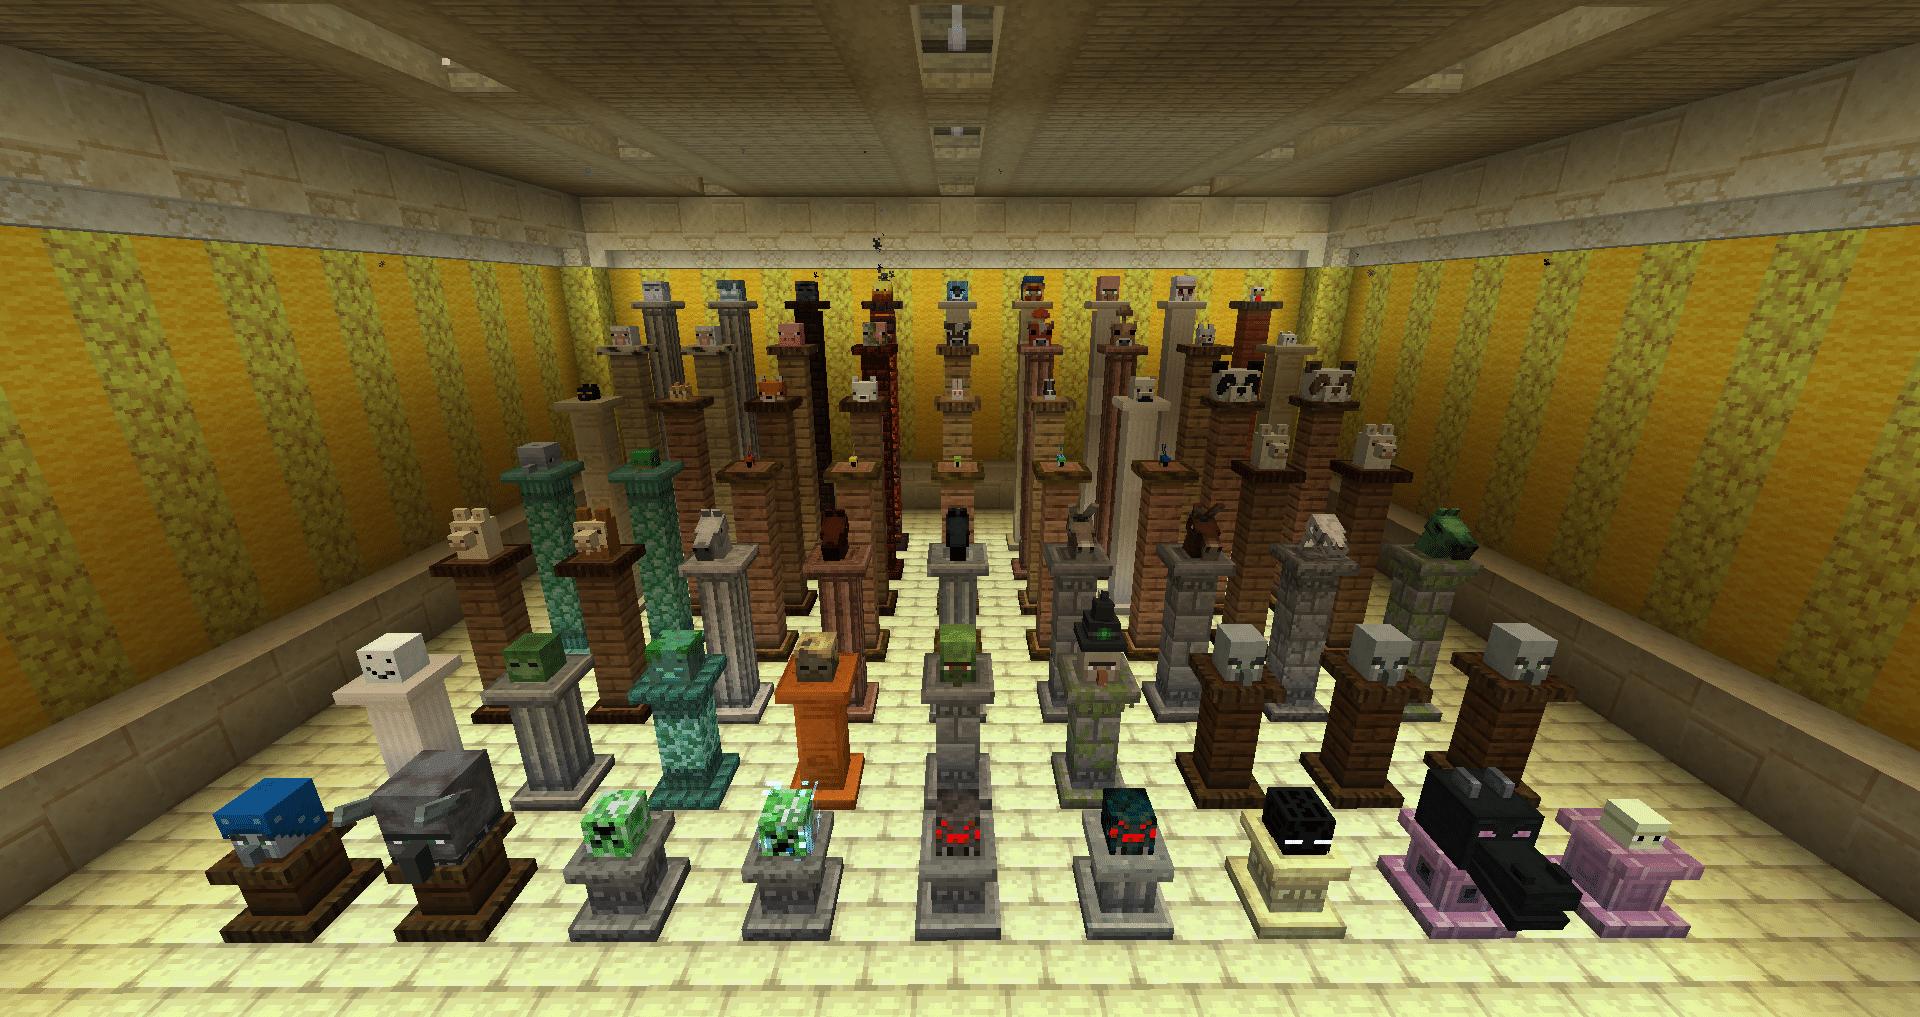 Quelques têtes de créatures dans Minecraft avec les pilliers.